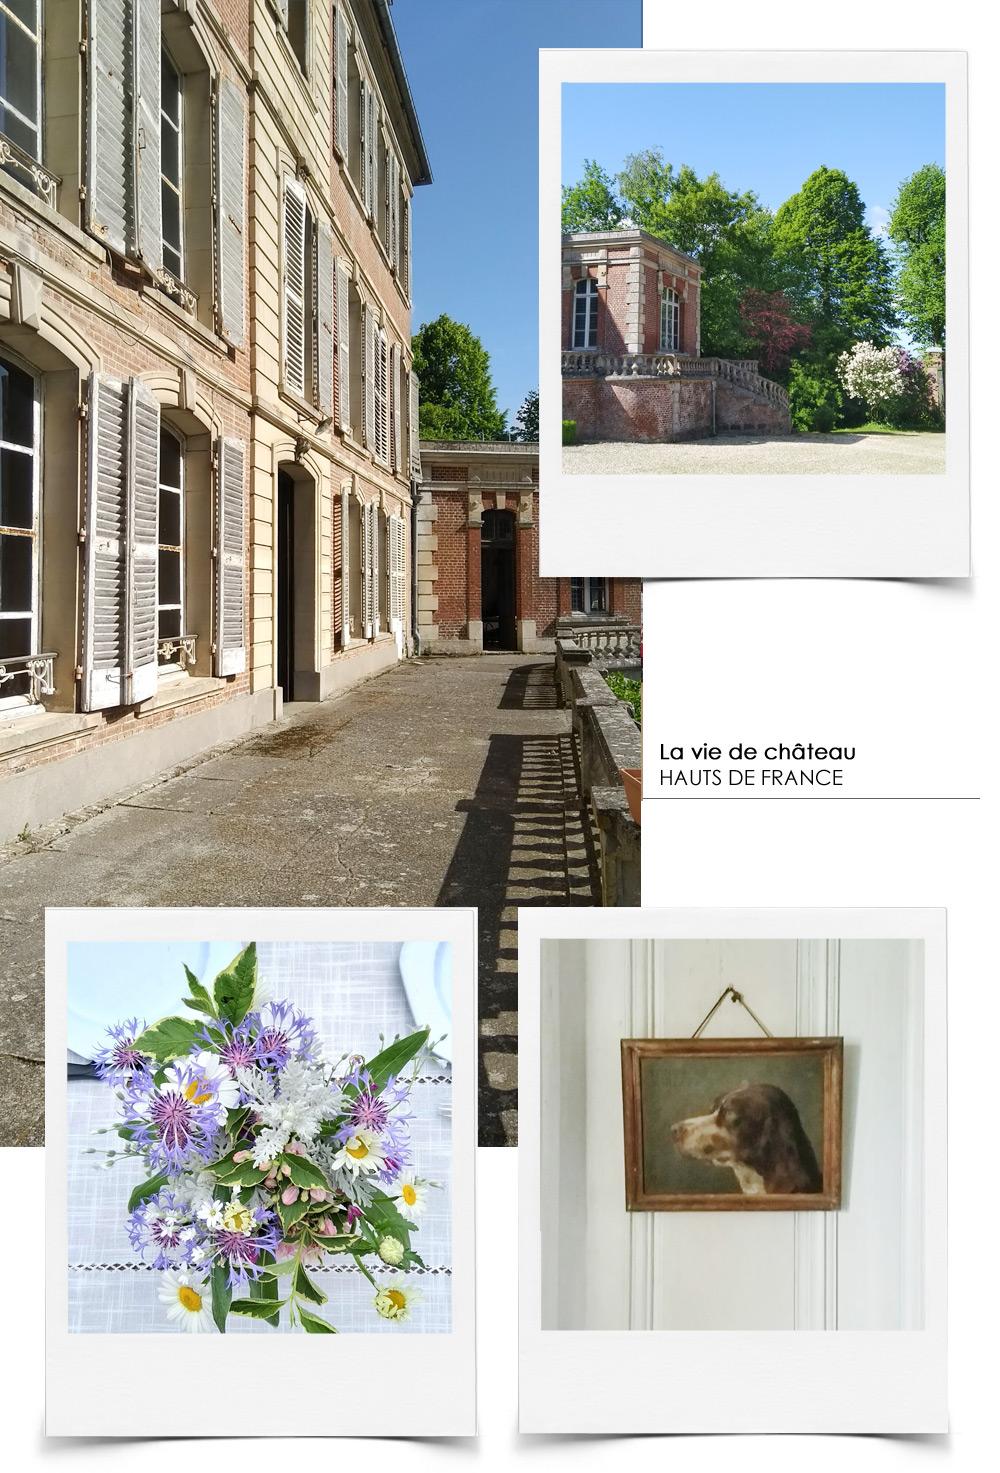 La vie de Château - Hauts de France - Picardie